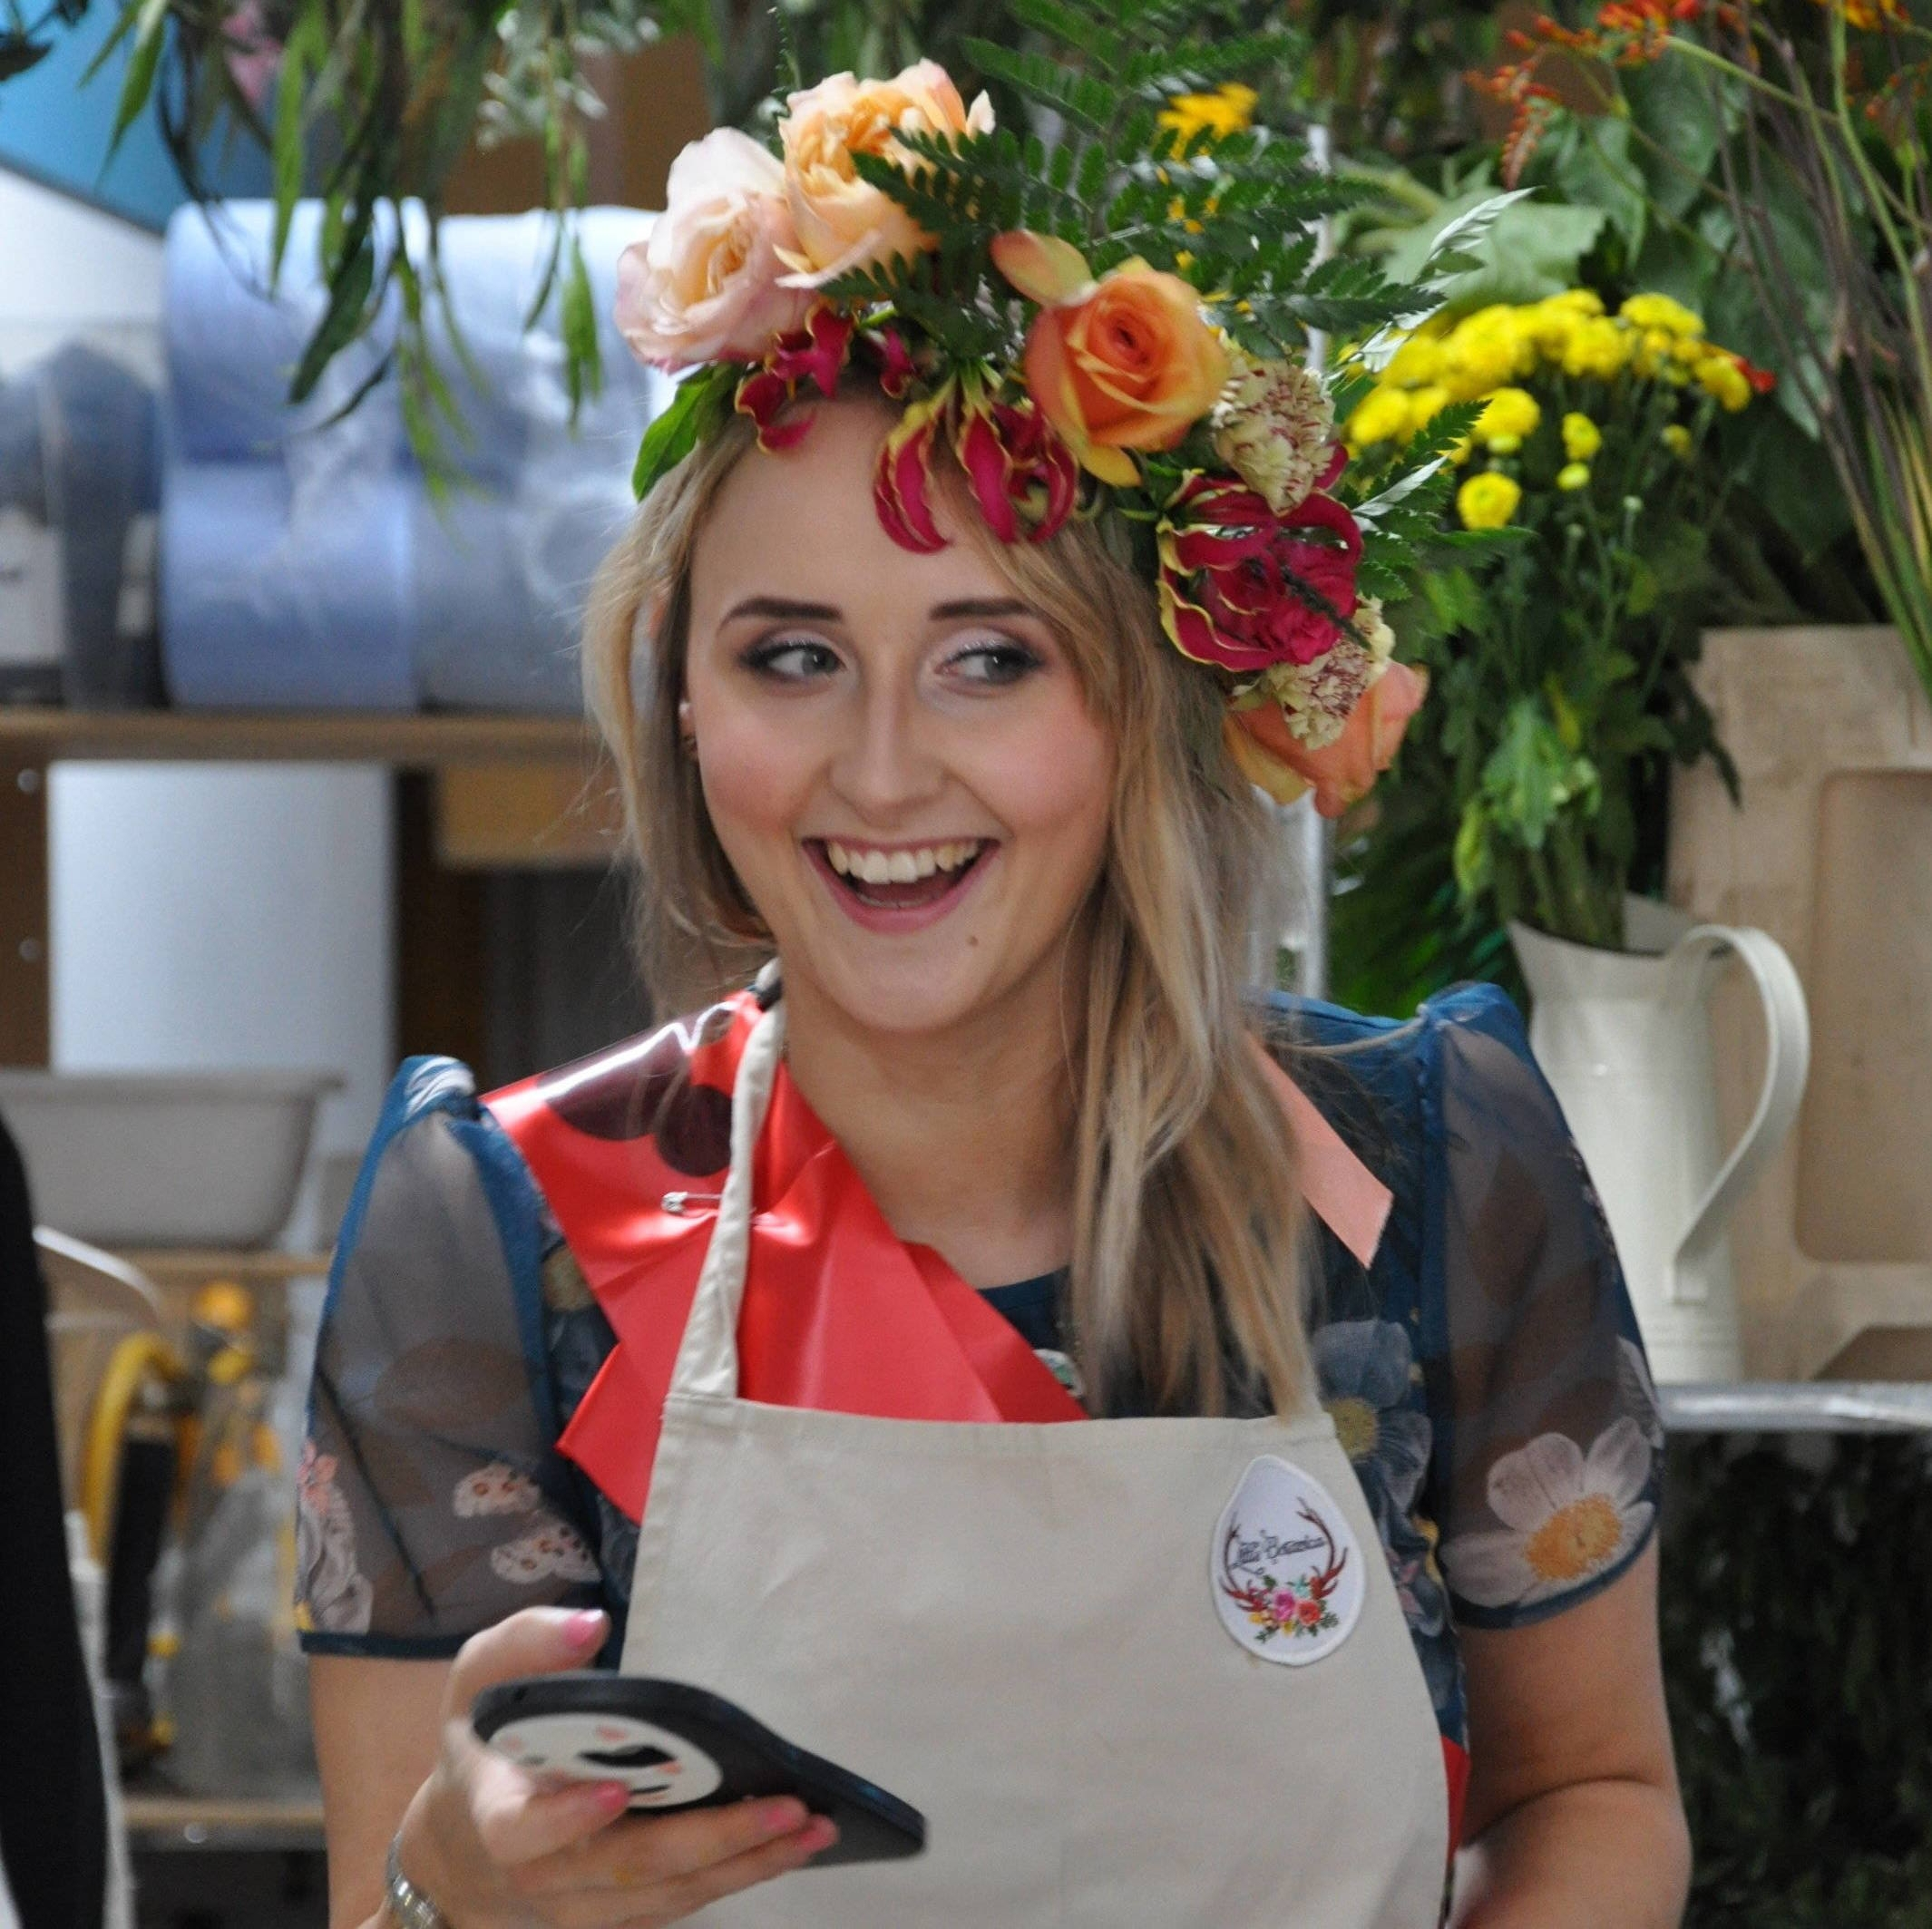 Woman wearing flower crown